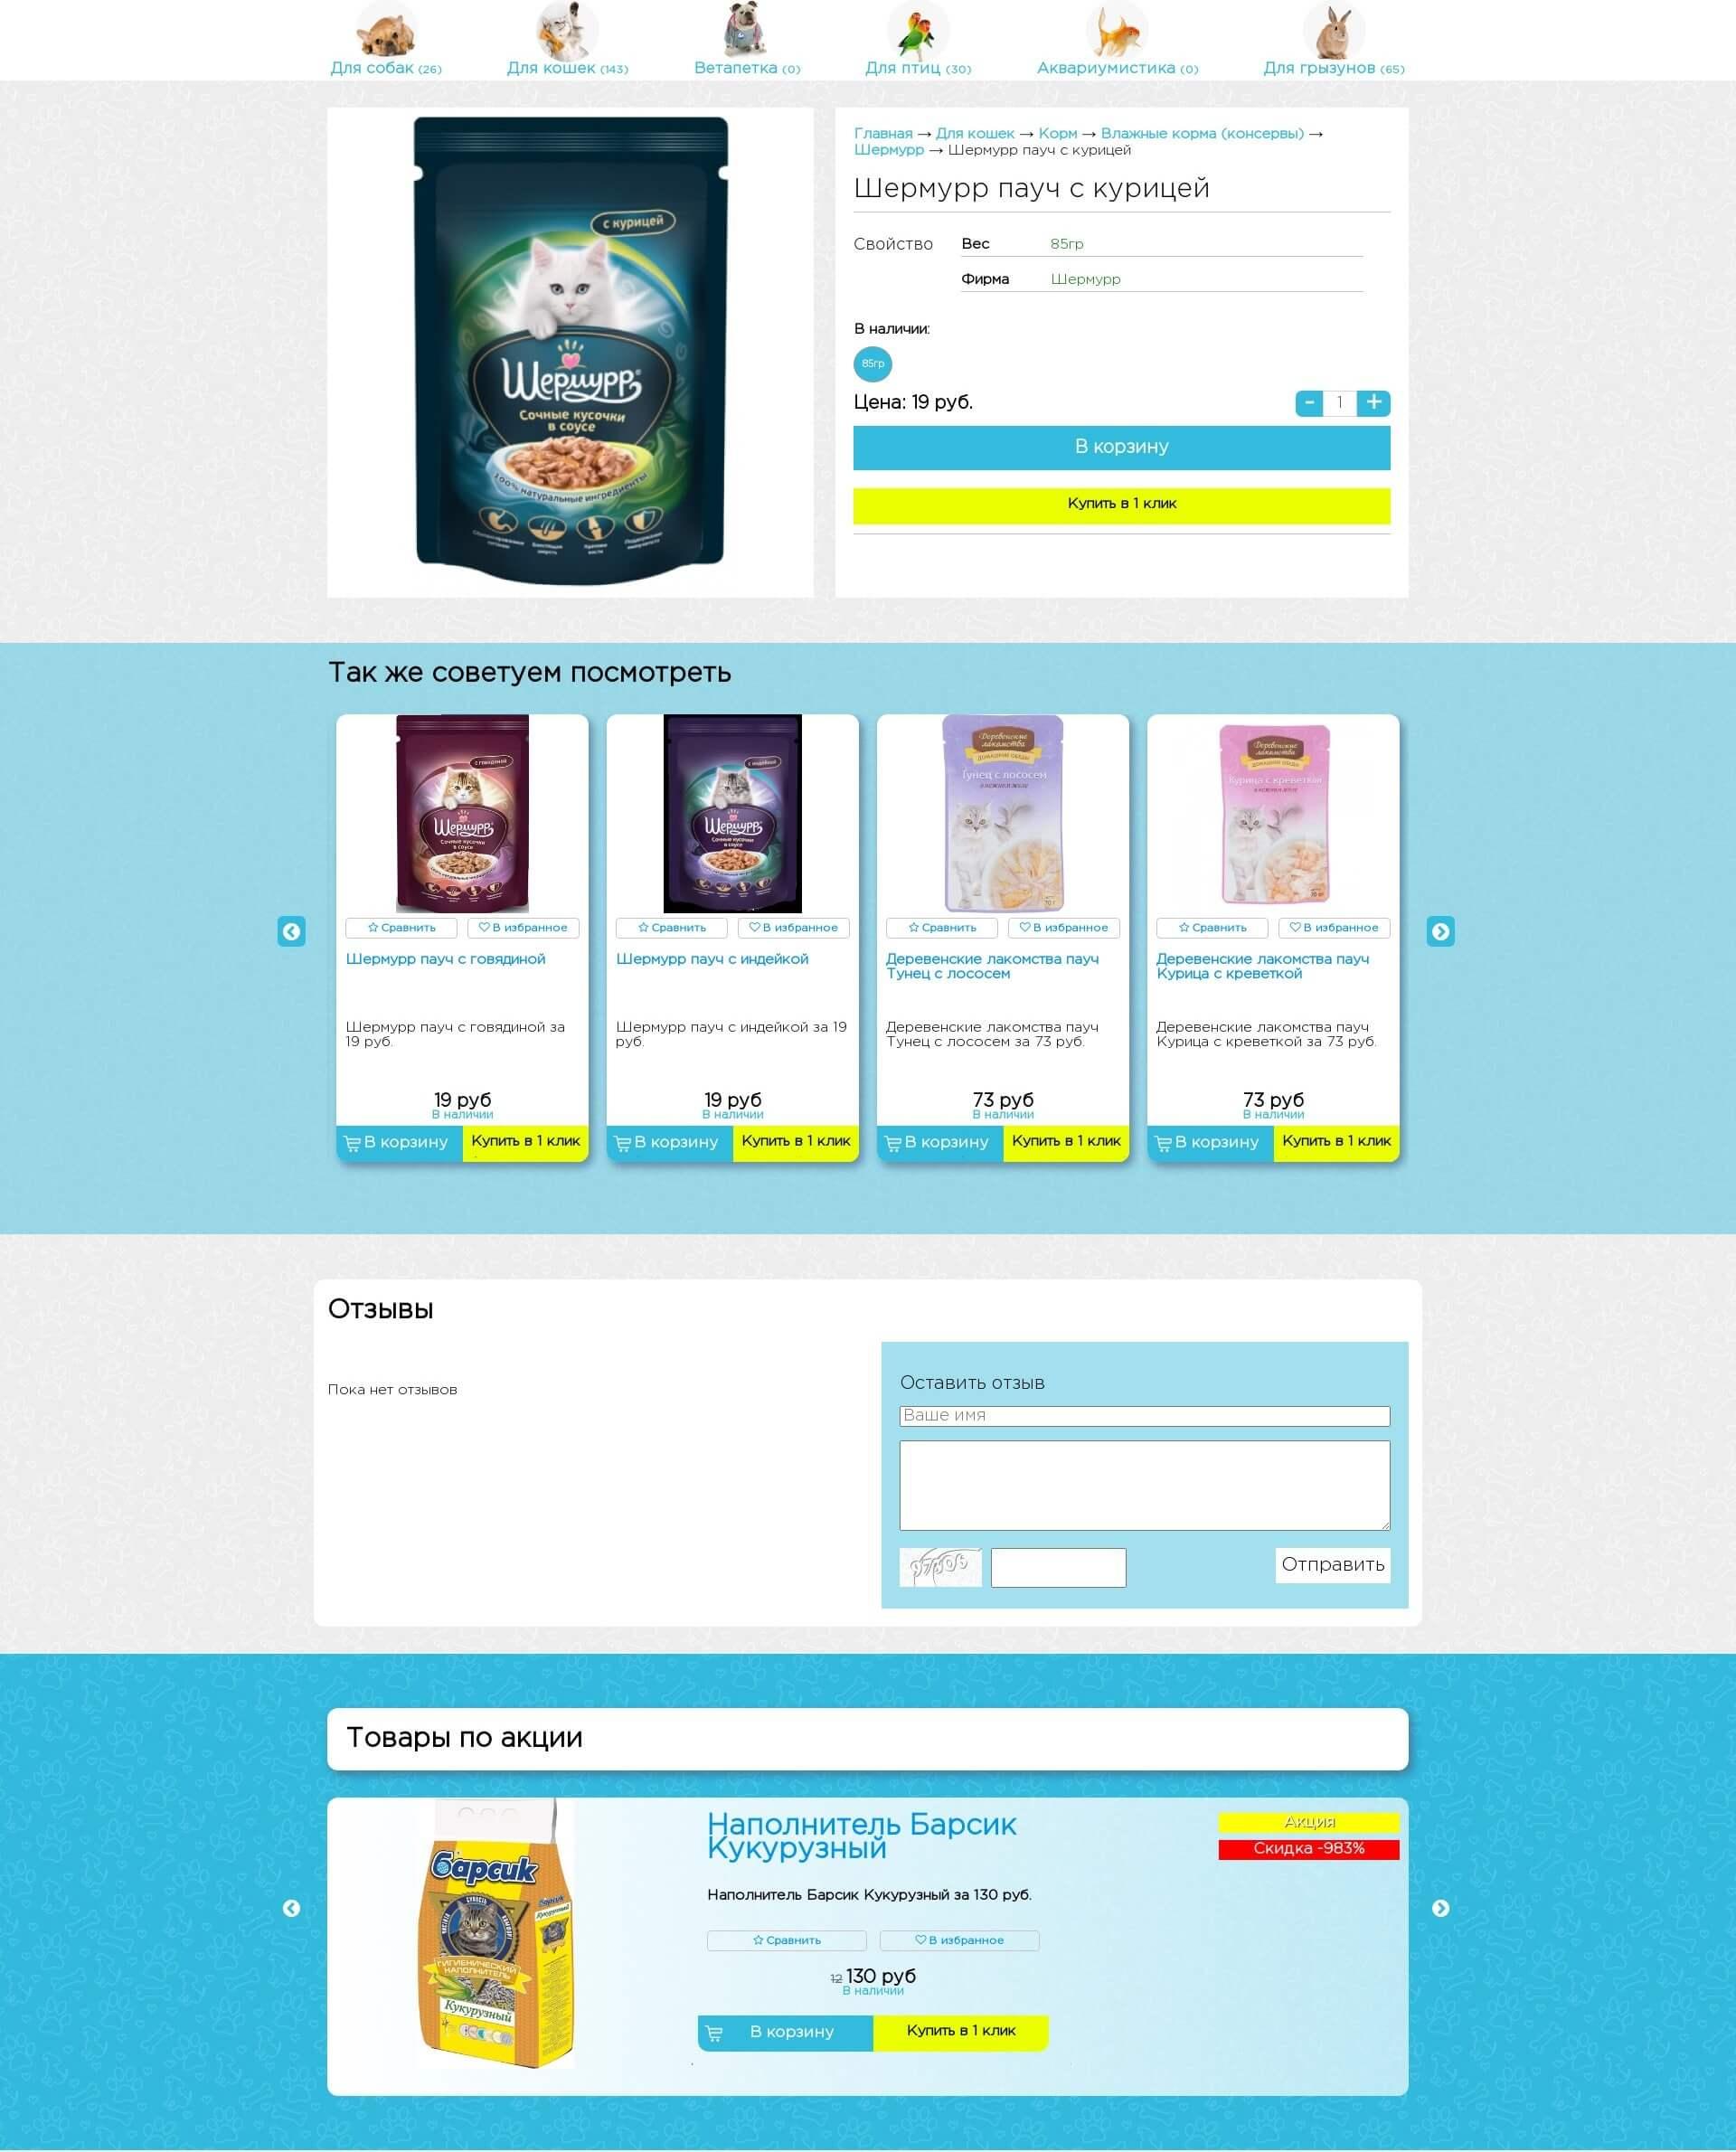 Скриншот №3 страницы сайта во весь экран. Интернет магазин для зоомагазина